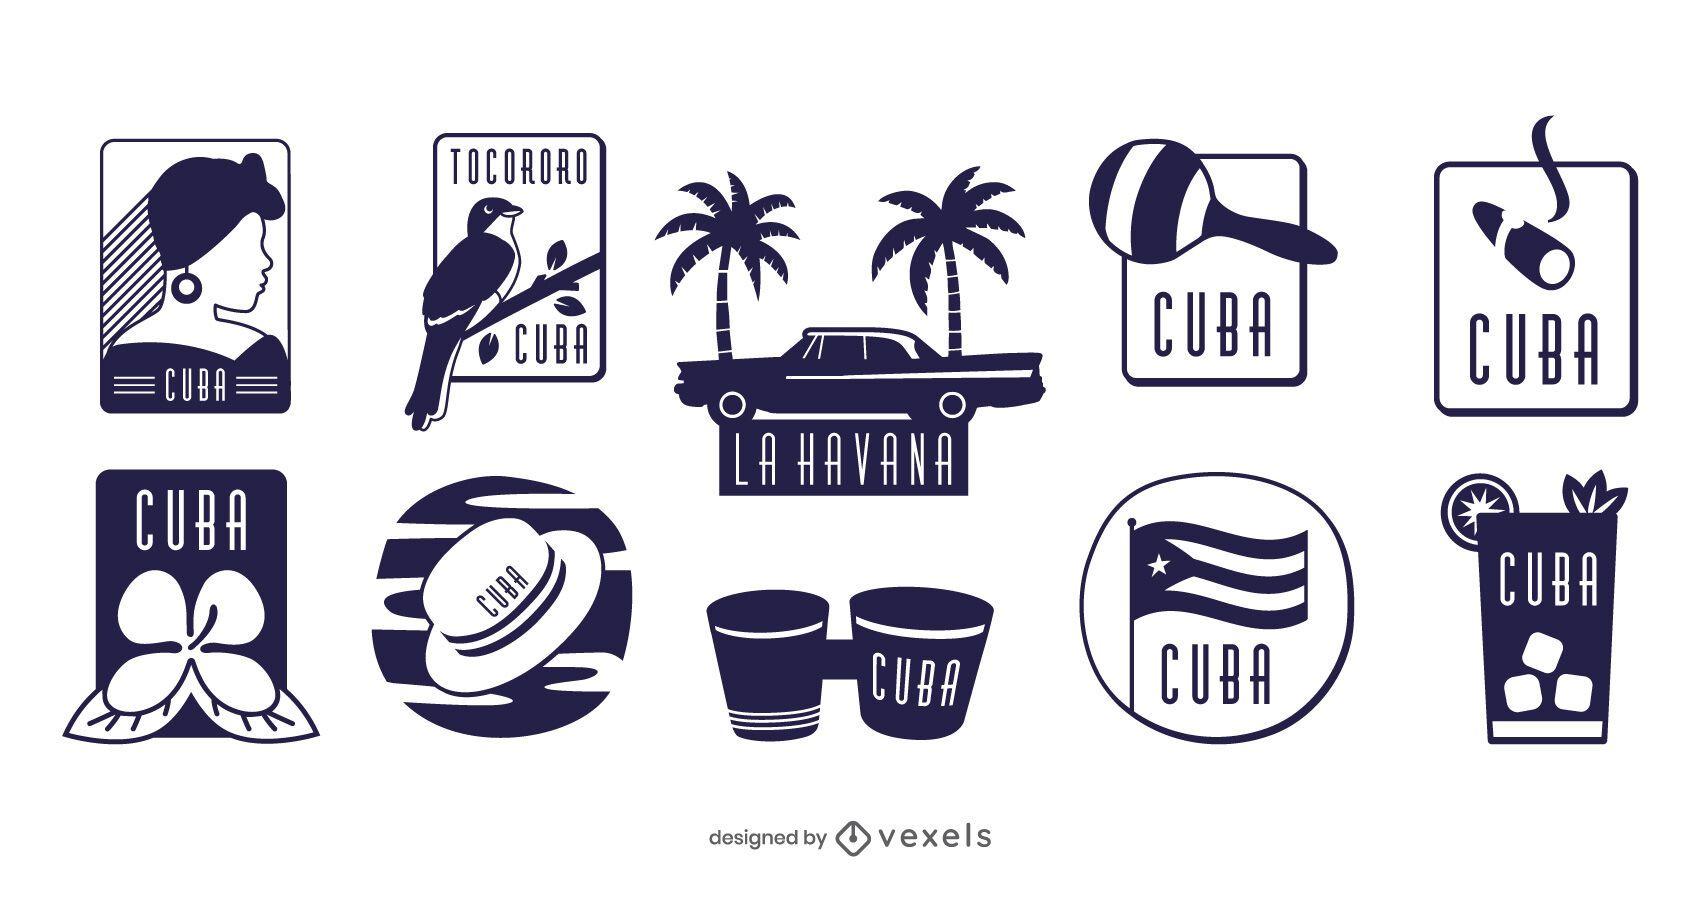 Cuba elements set